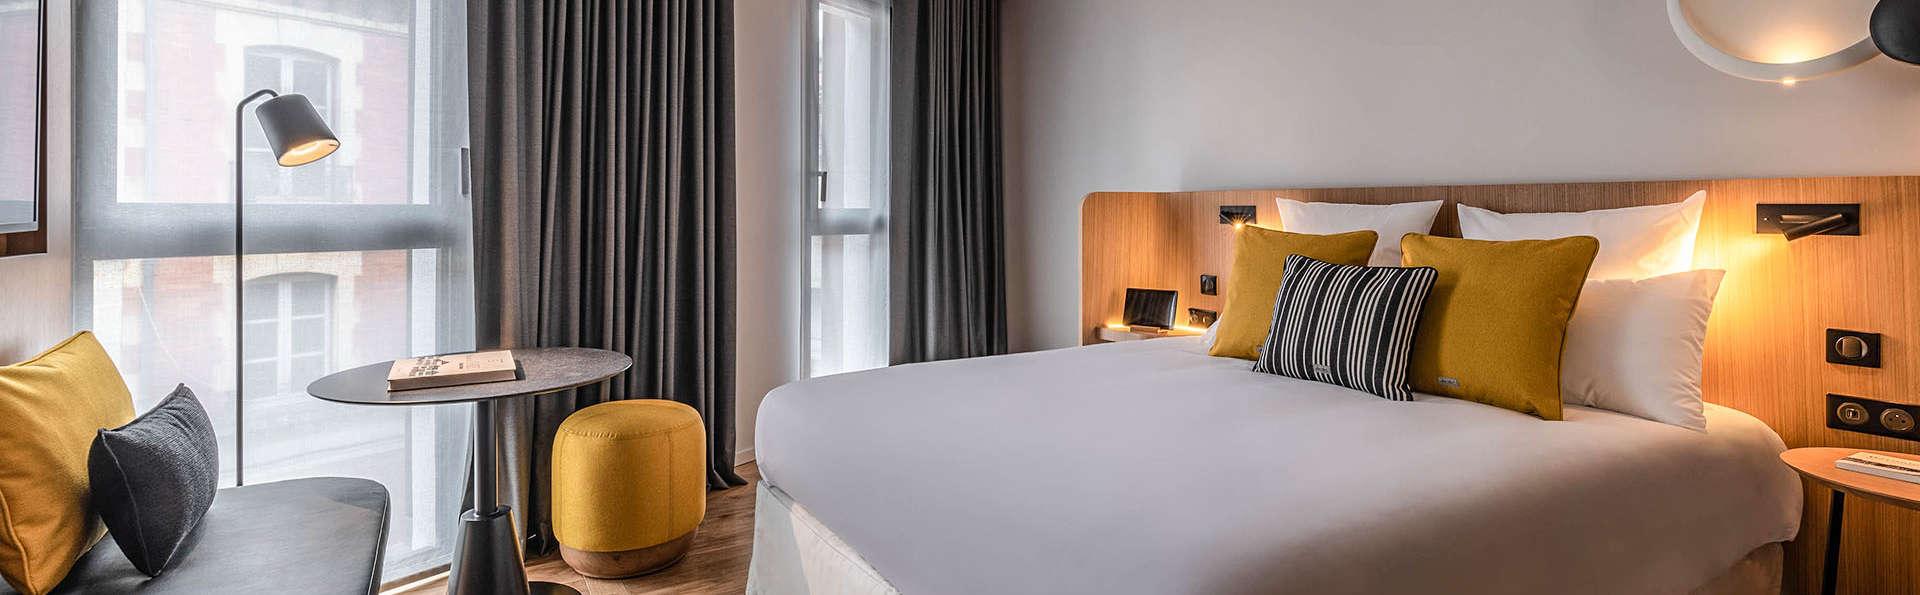 Offre à Bayonne dans un hôtel confort et design